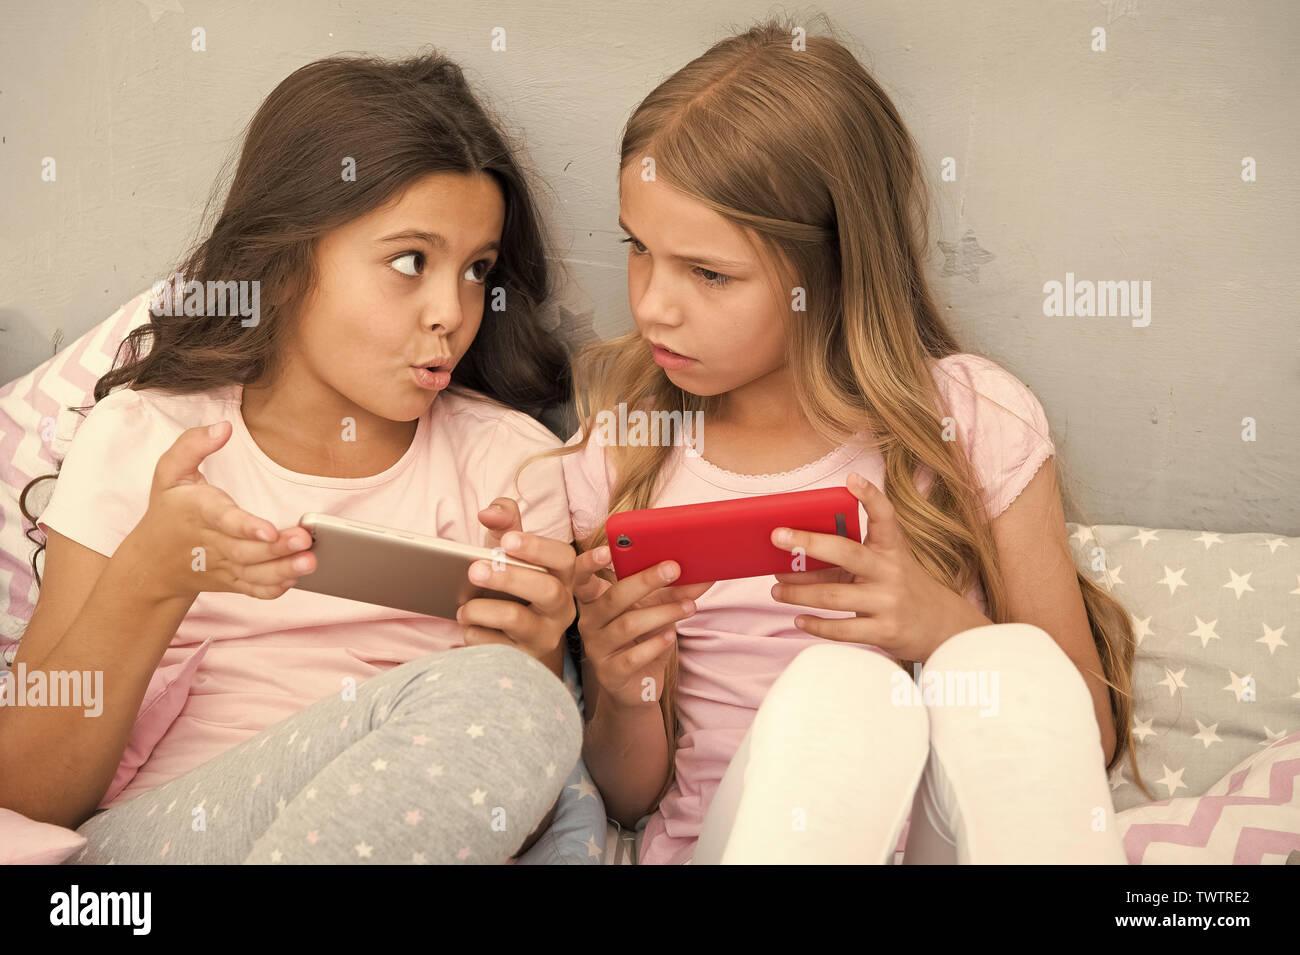 Kids Play móvil smartphone aplicación de juego. Concepto de aplicación de Smartphone. Ocio Girlish Pajama Party. Las niñas poco smartphone bloggers. Explore la red social. Smartphone para entretenimiento. Foto de stock